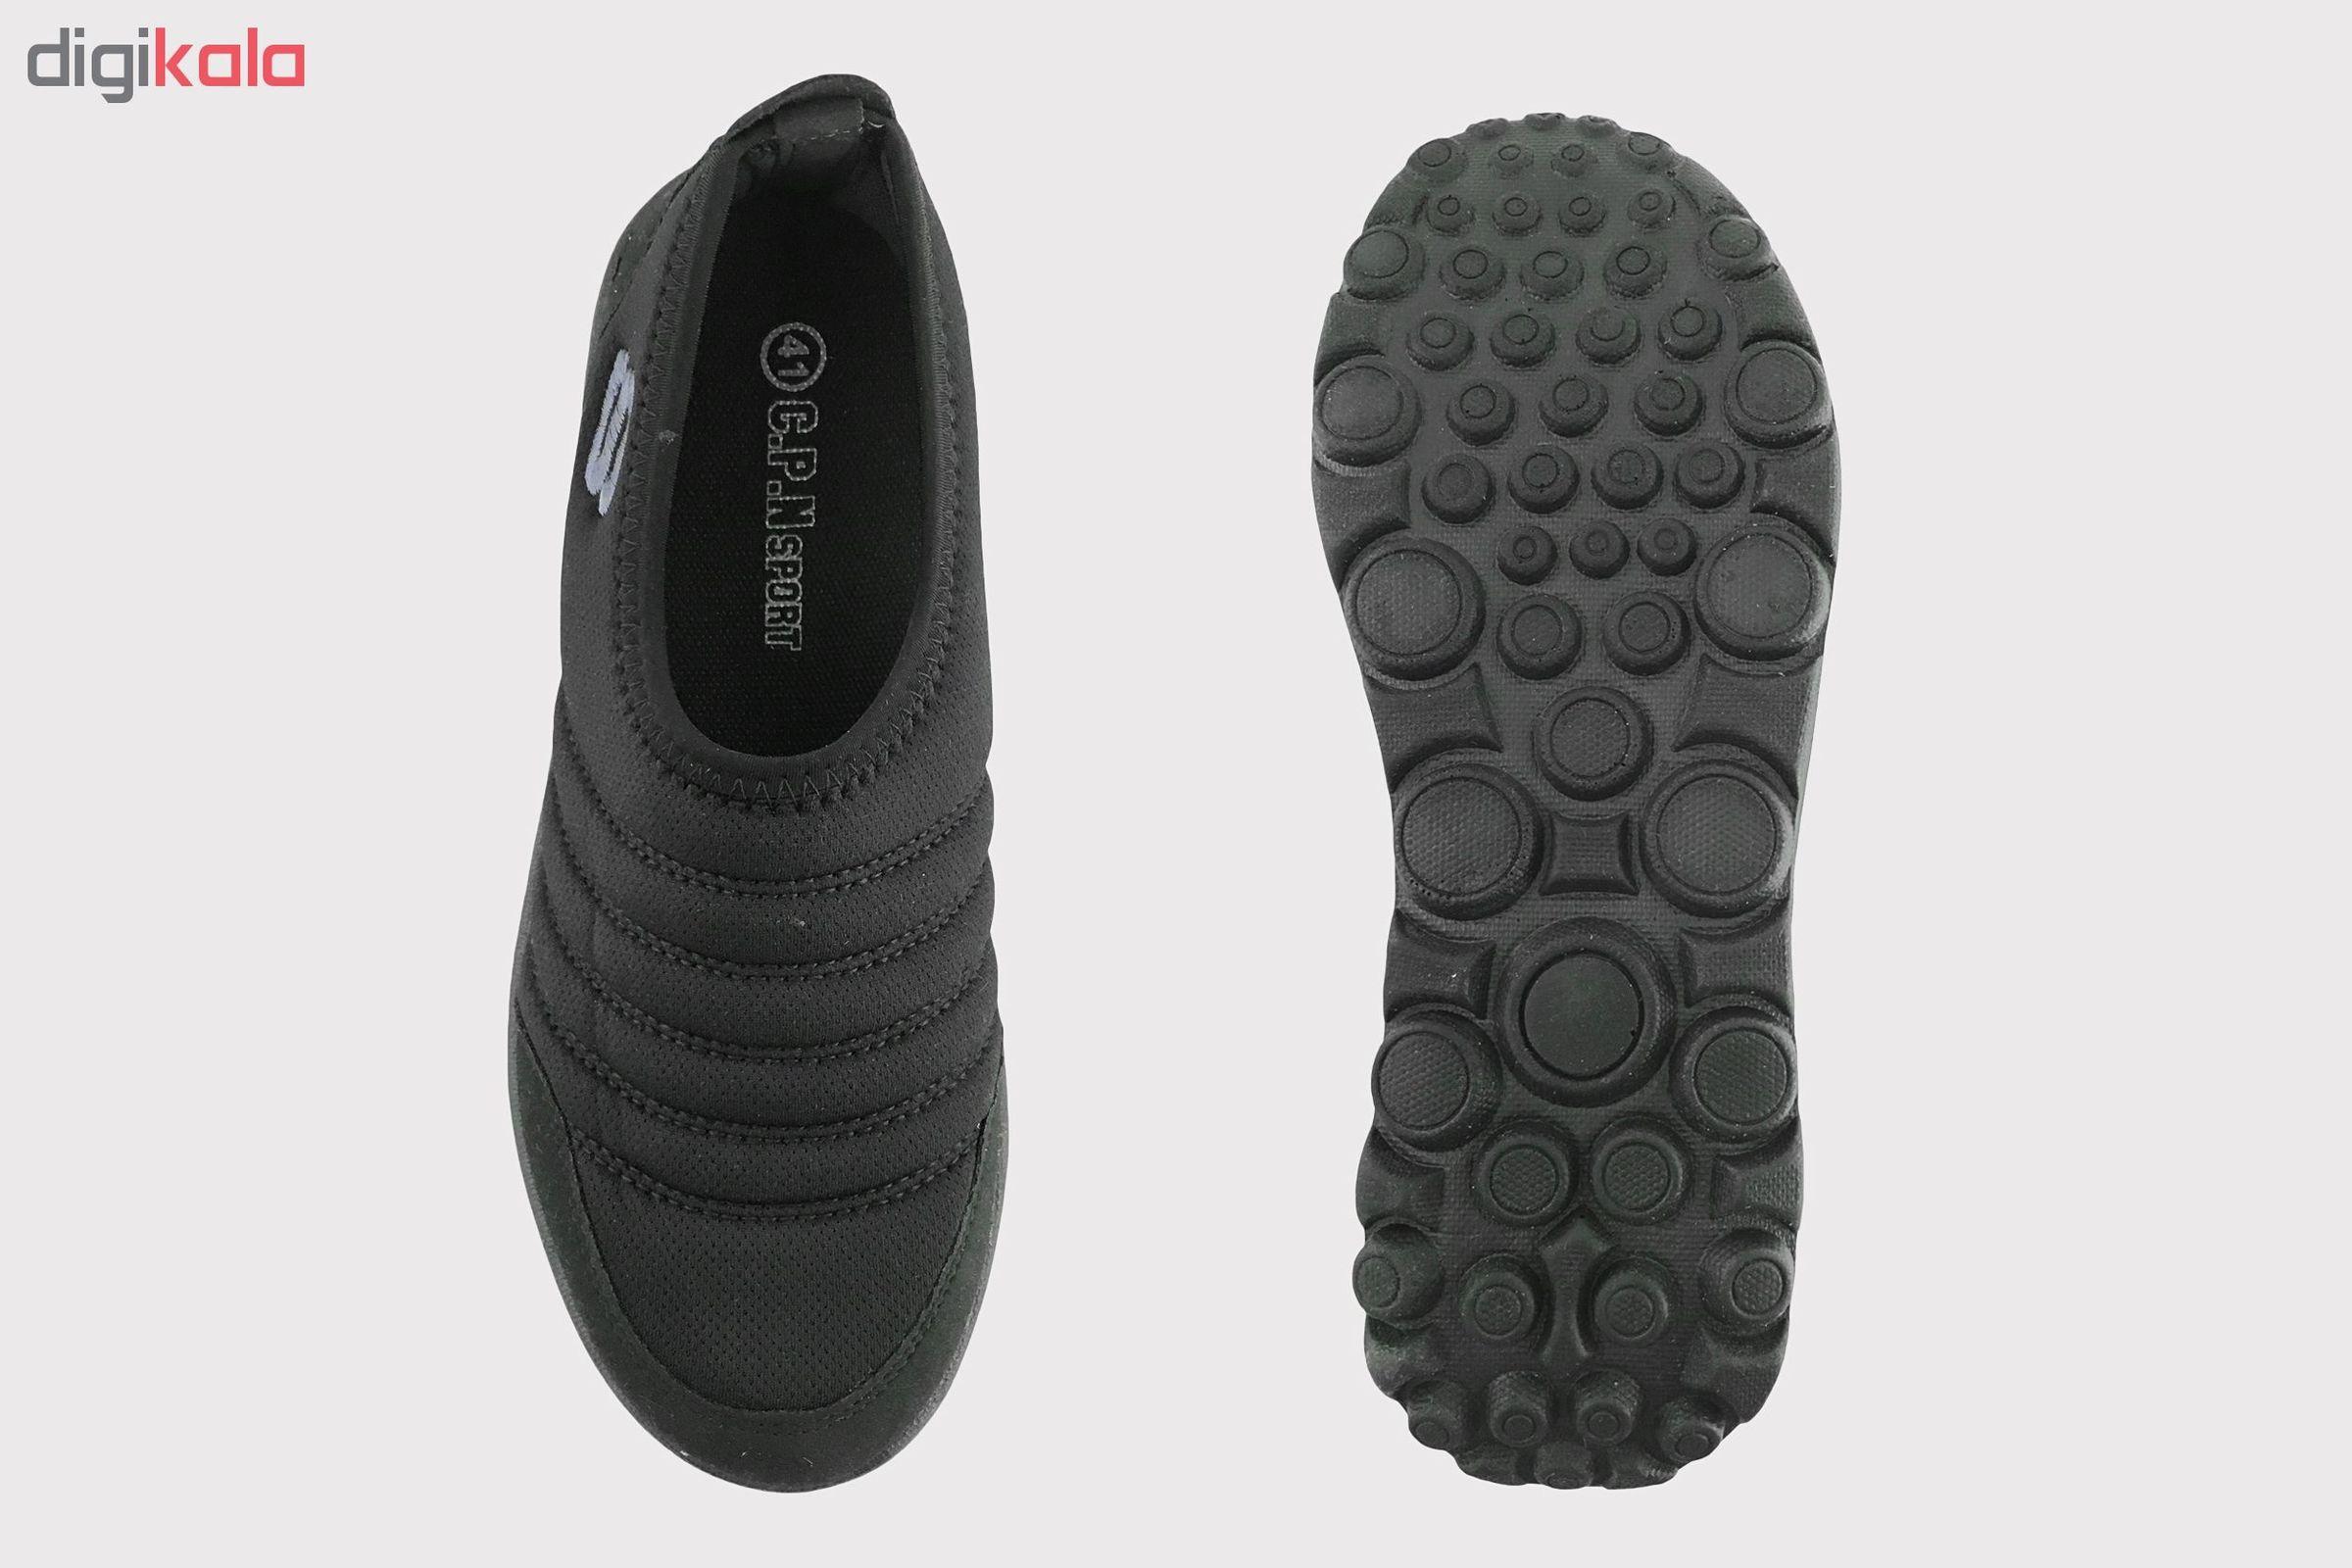 کفش مخصوص پیاده روی زنانه مدل چپان کد 4079 main 1 4